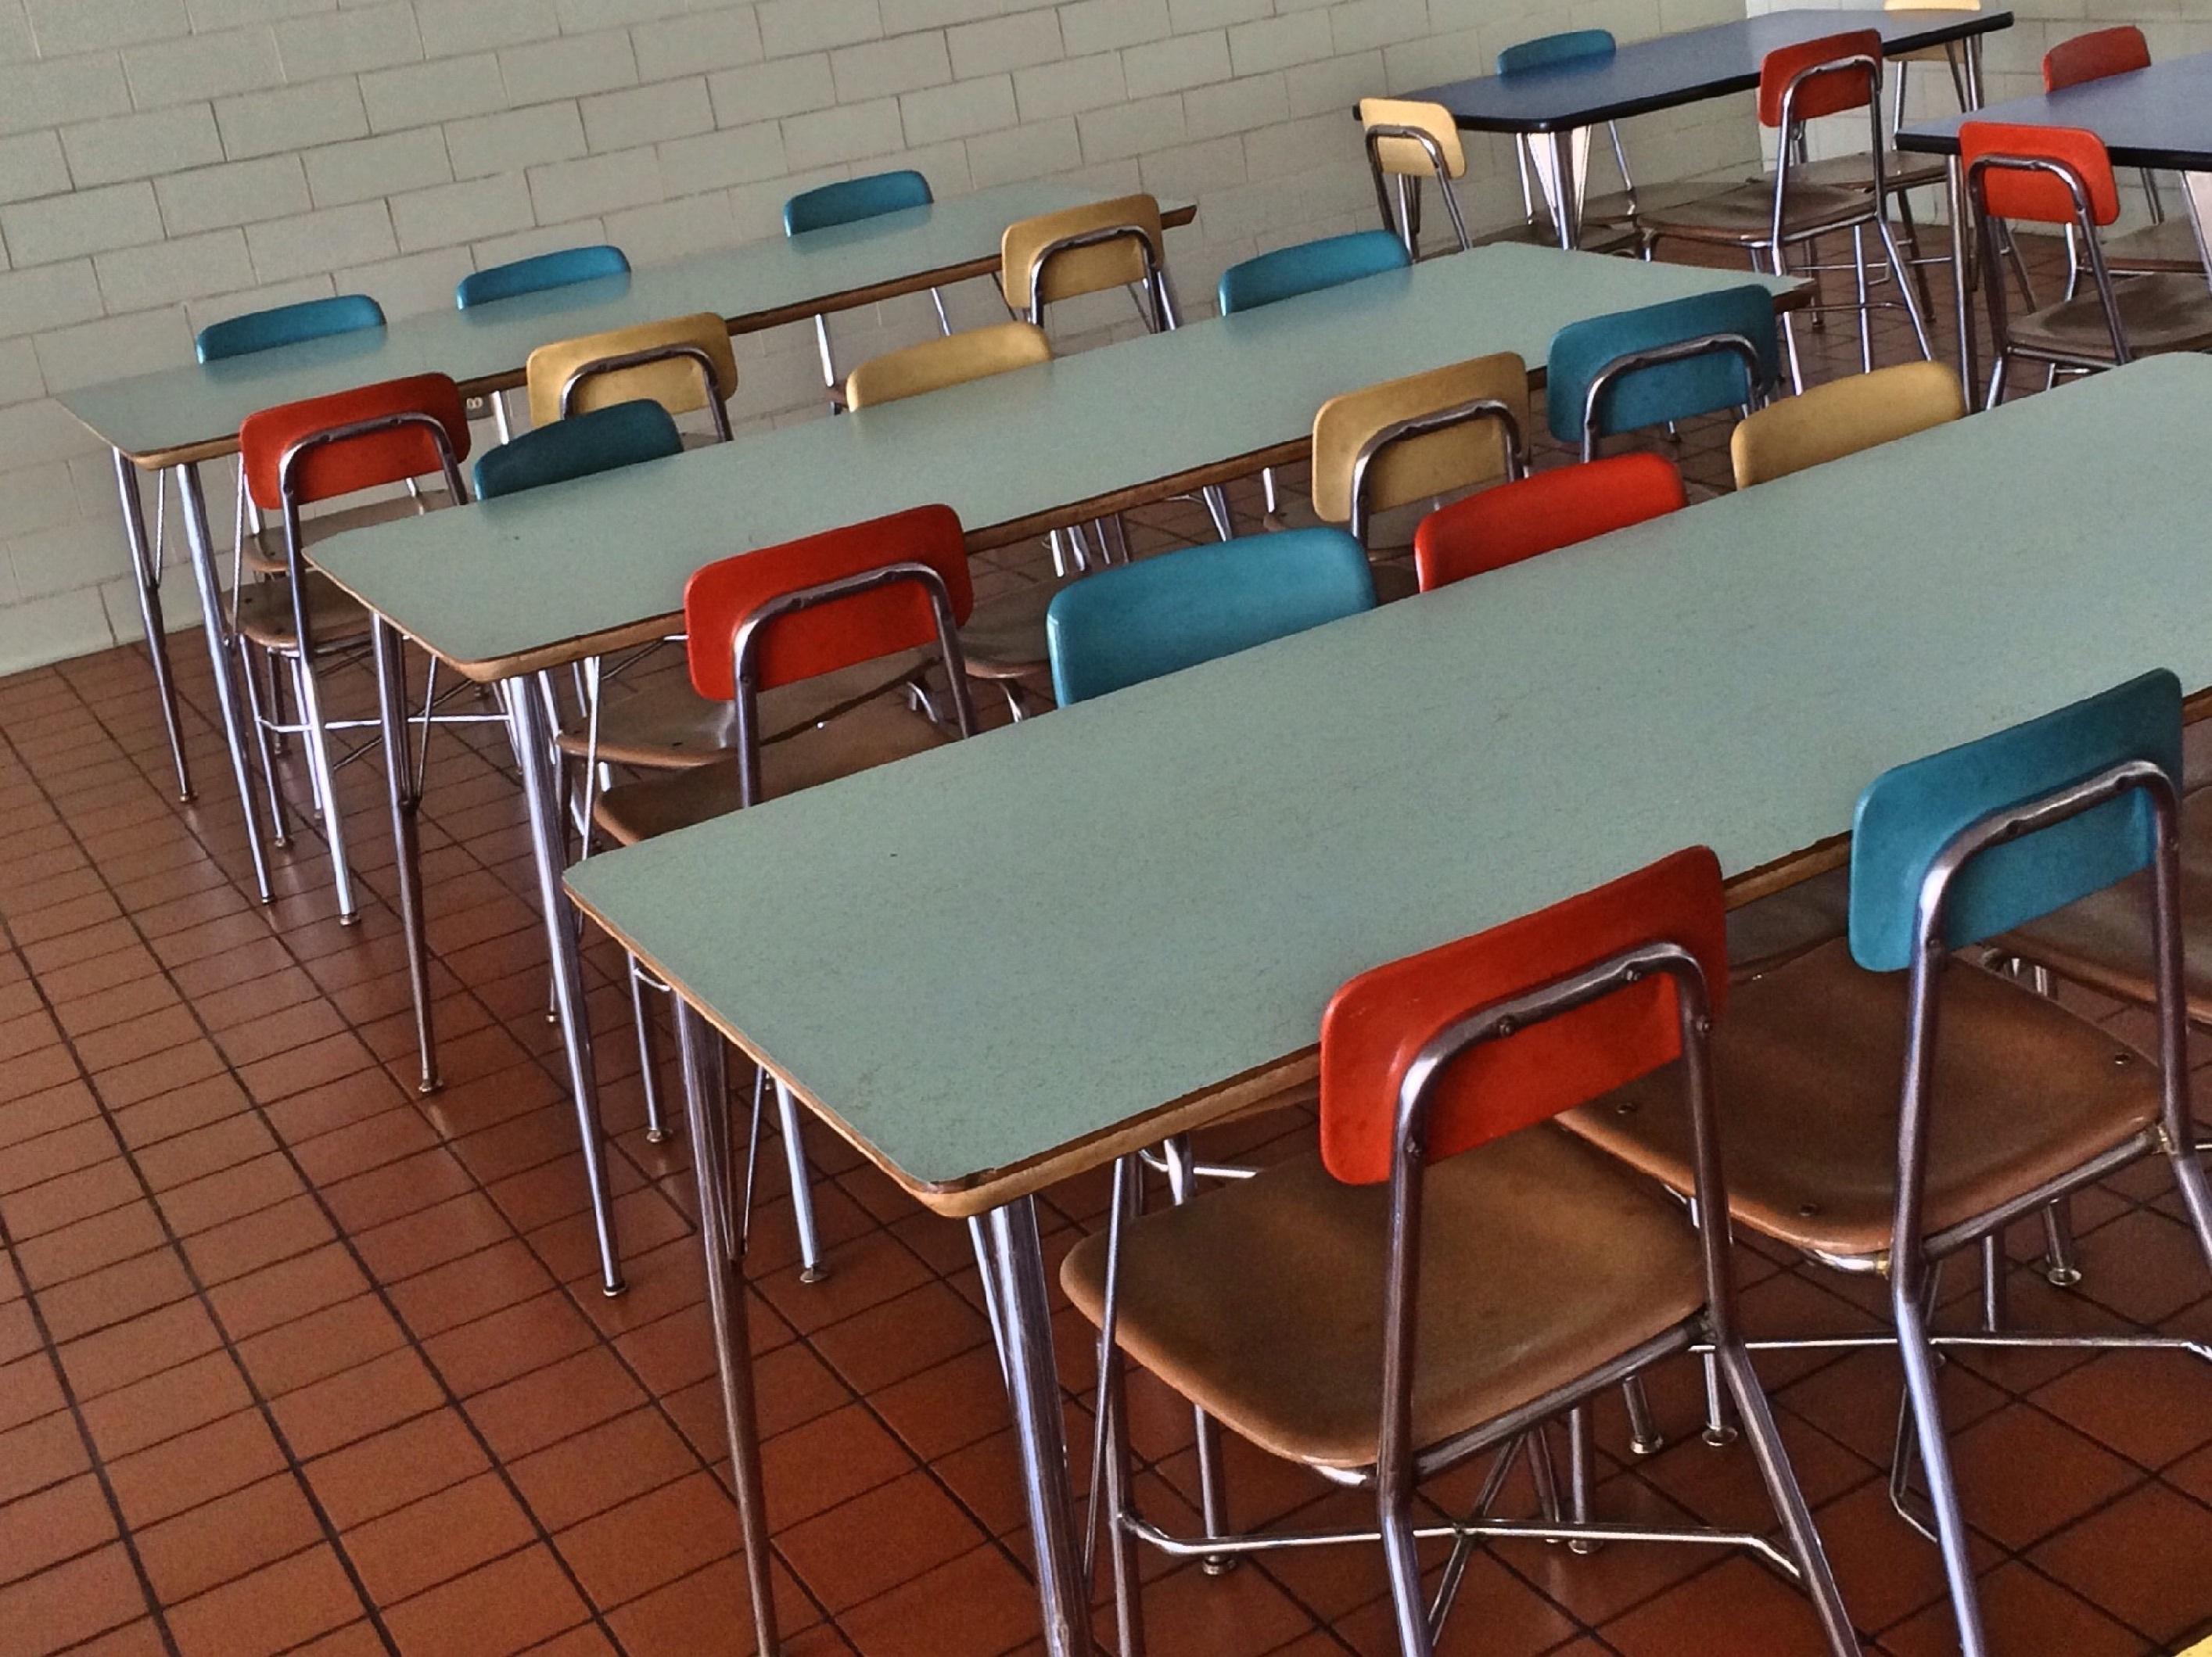 Academia albanta monitor de comedor escolar for Monitor comedor escolar